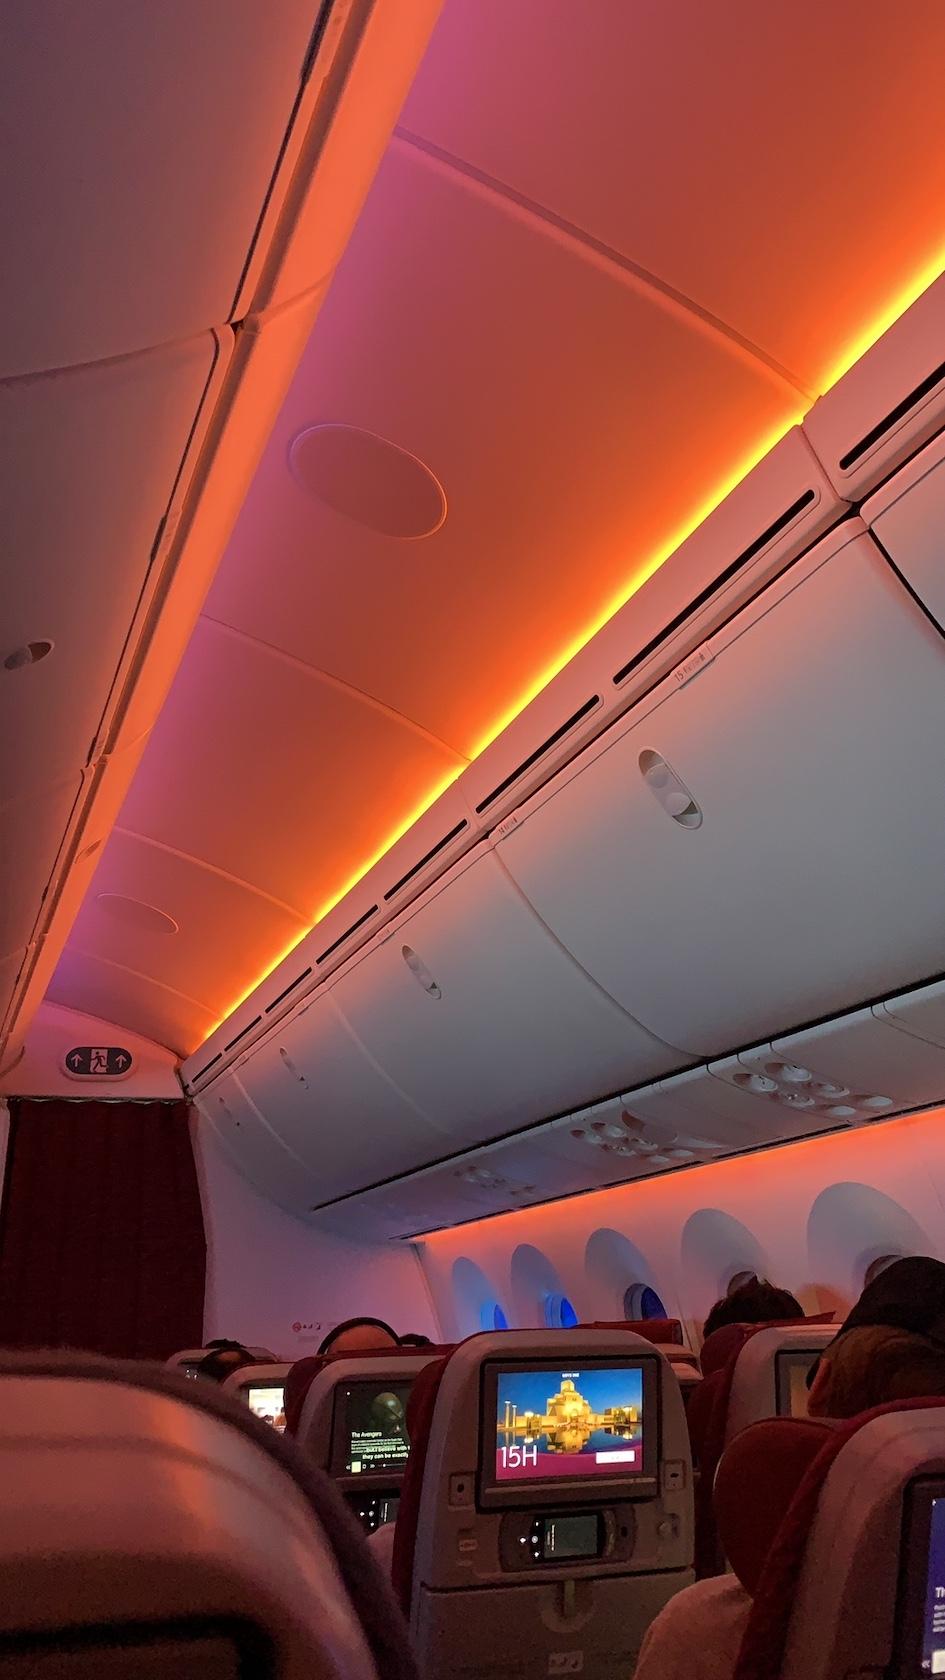 lentovero, lentäminen, lentoliikenne, kansalaisaloite